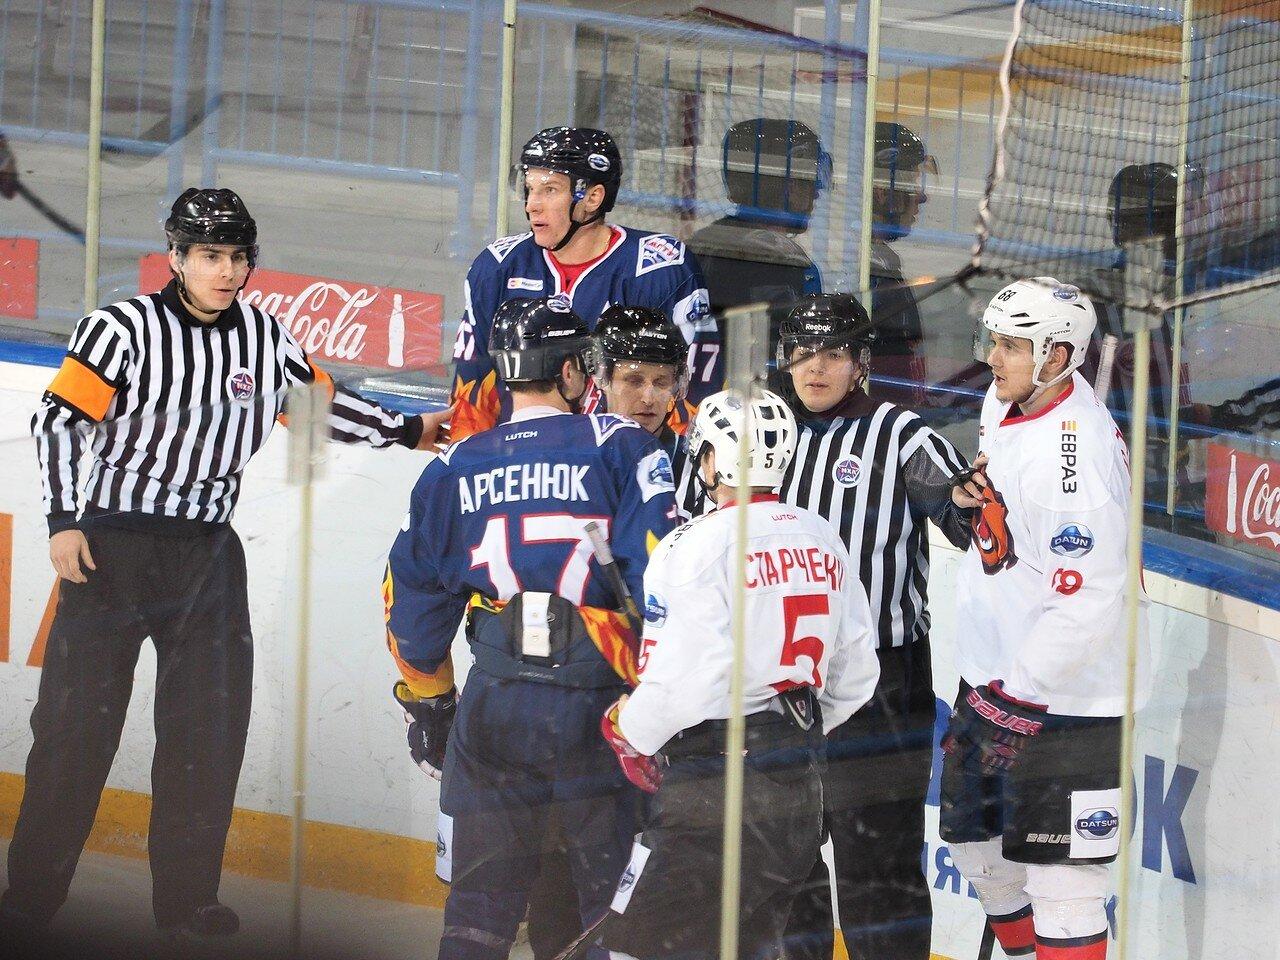 311/8 Плей-офф 2016 МХЛ Стальные Лисы - Кузнецкие Медведи 09.03.2016